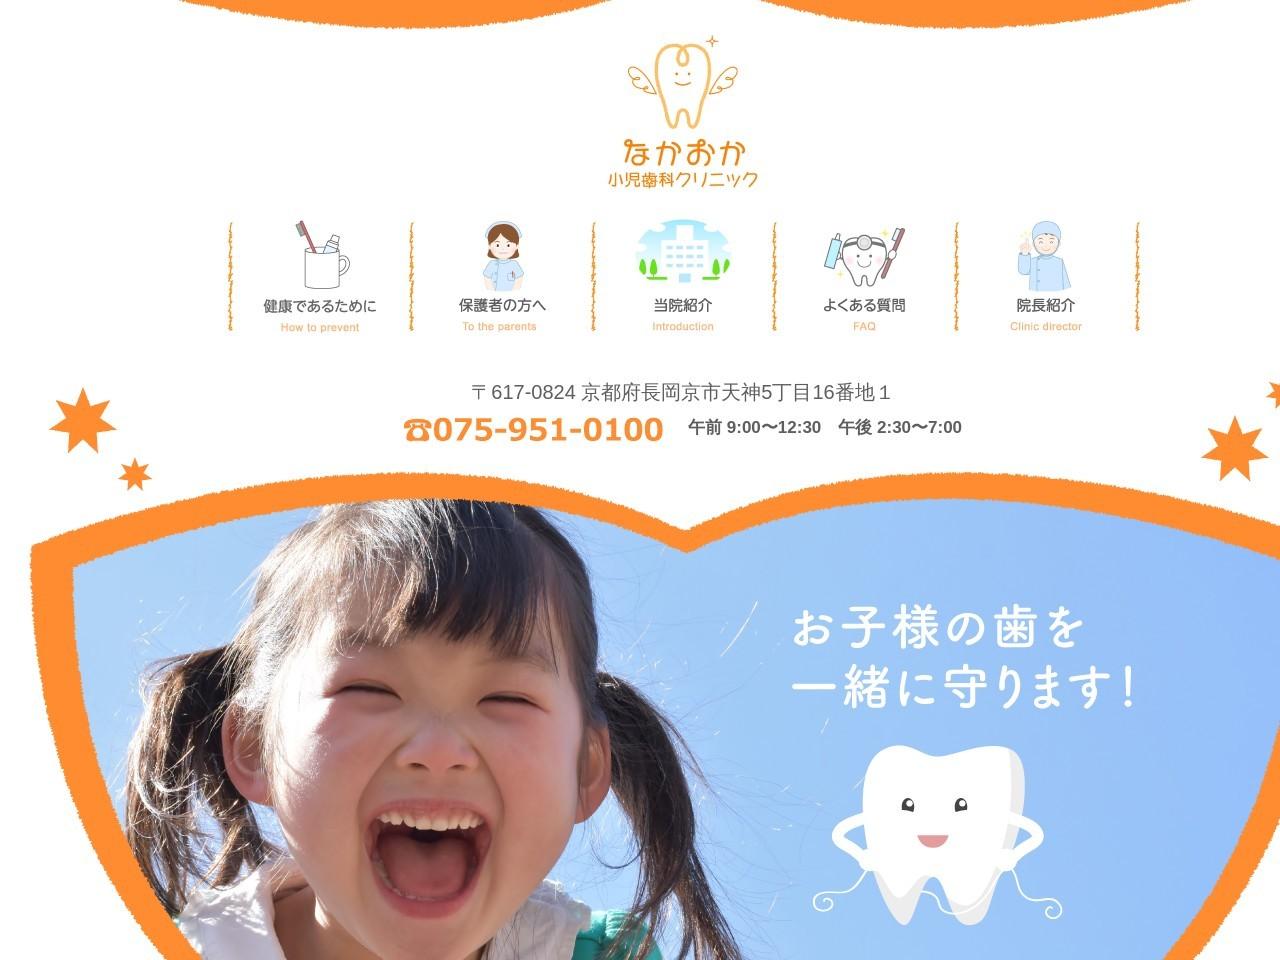 なかおか小児歯科クリニック (京都府長岡京市)